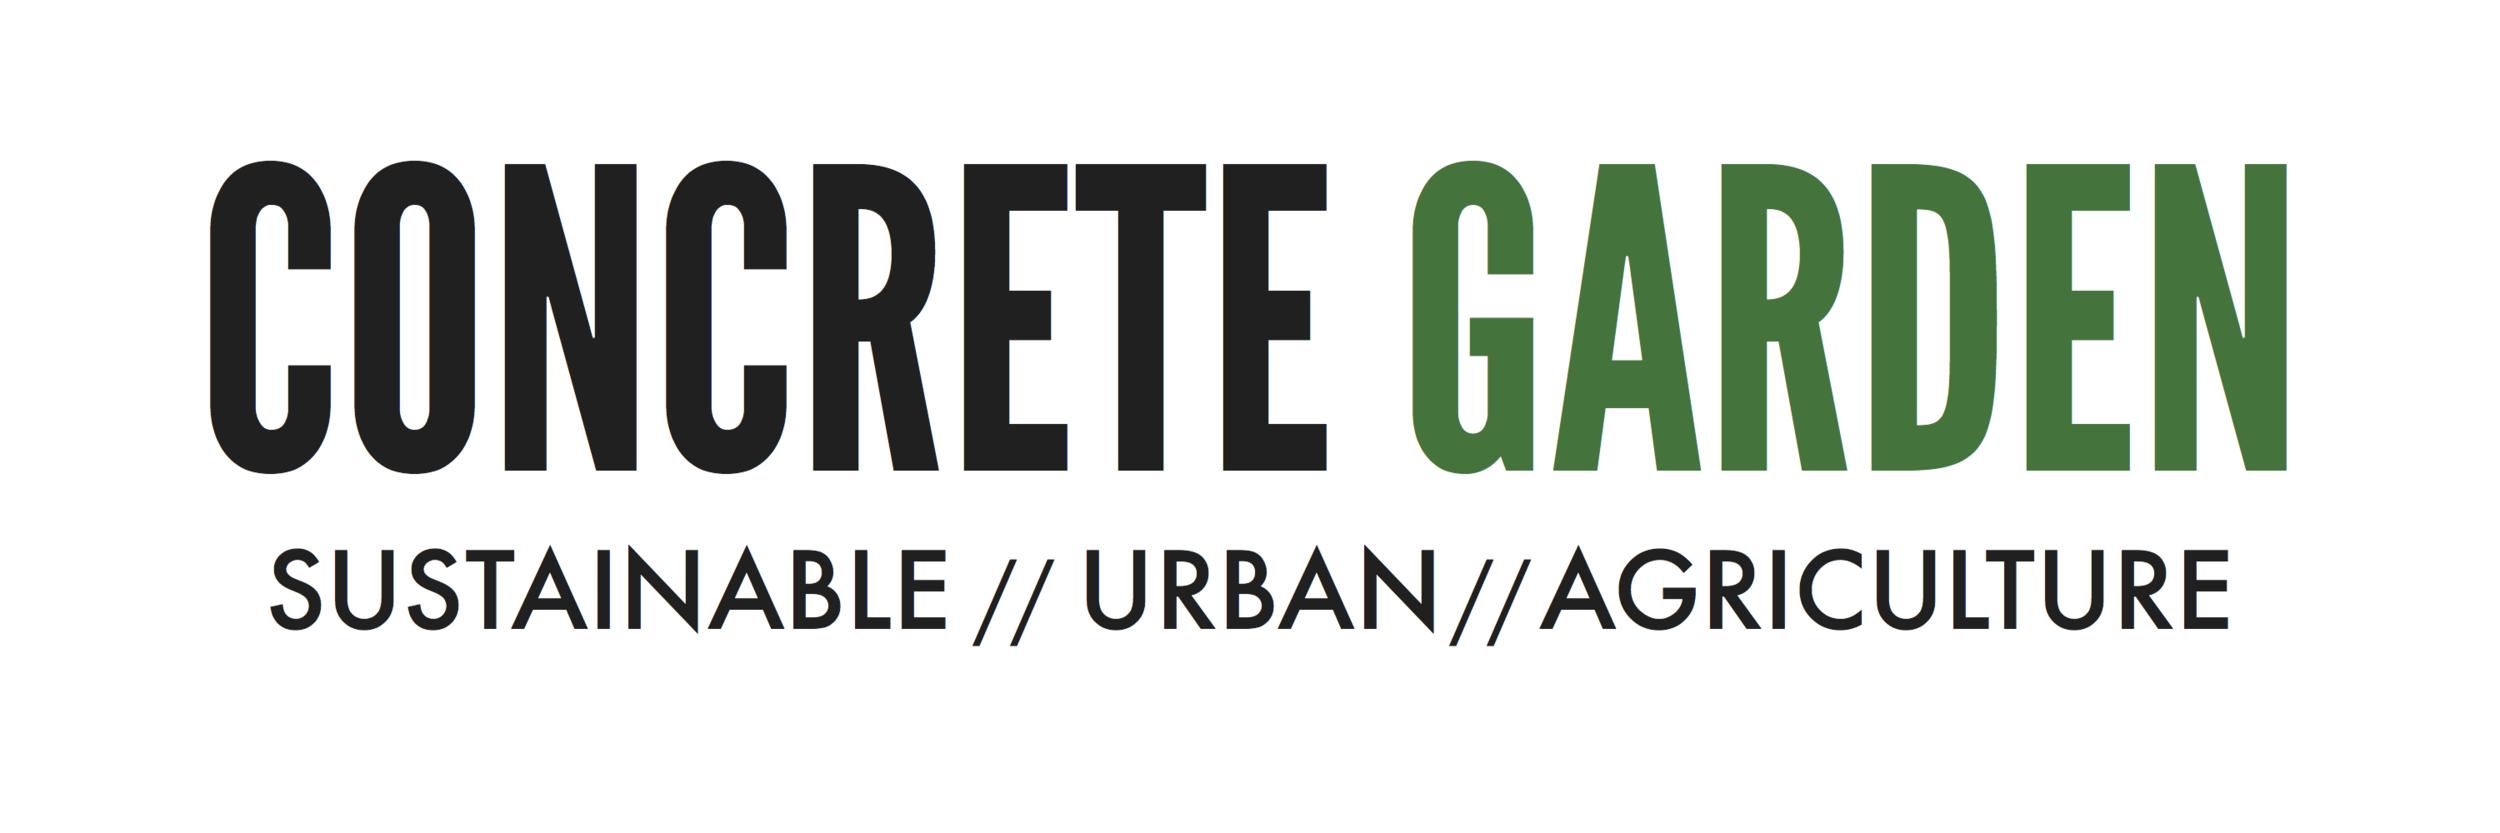 Concrete Garden.png